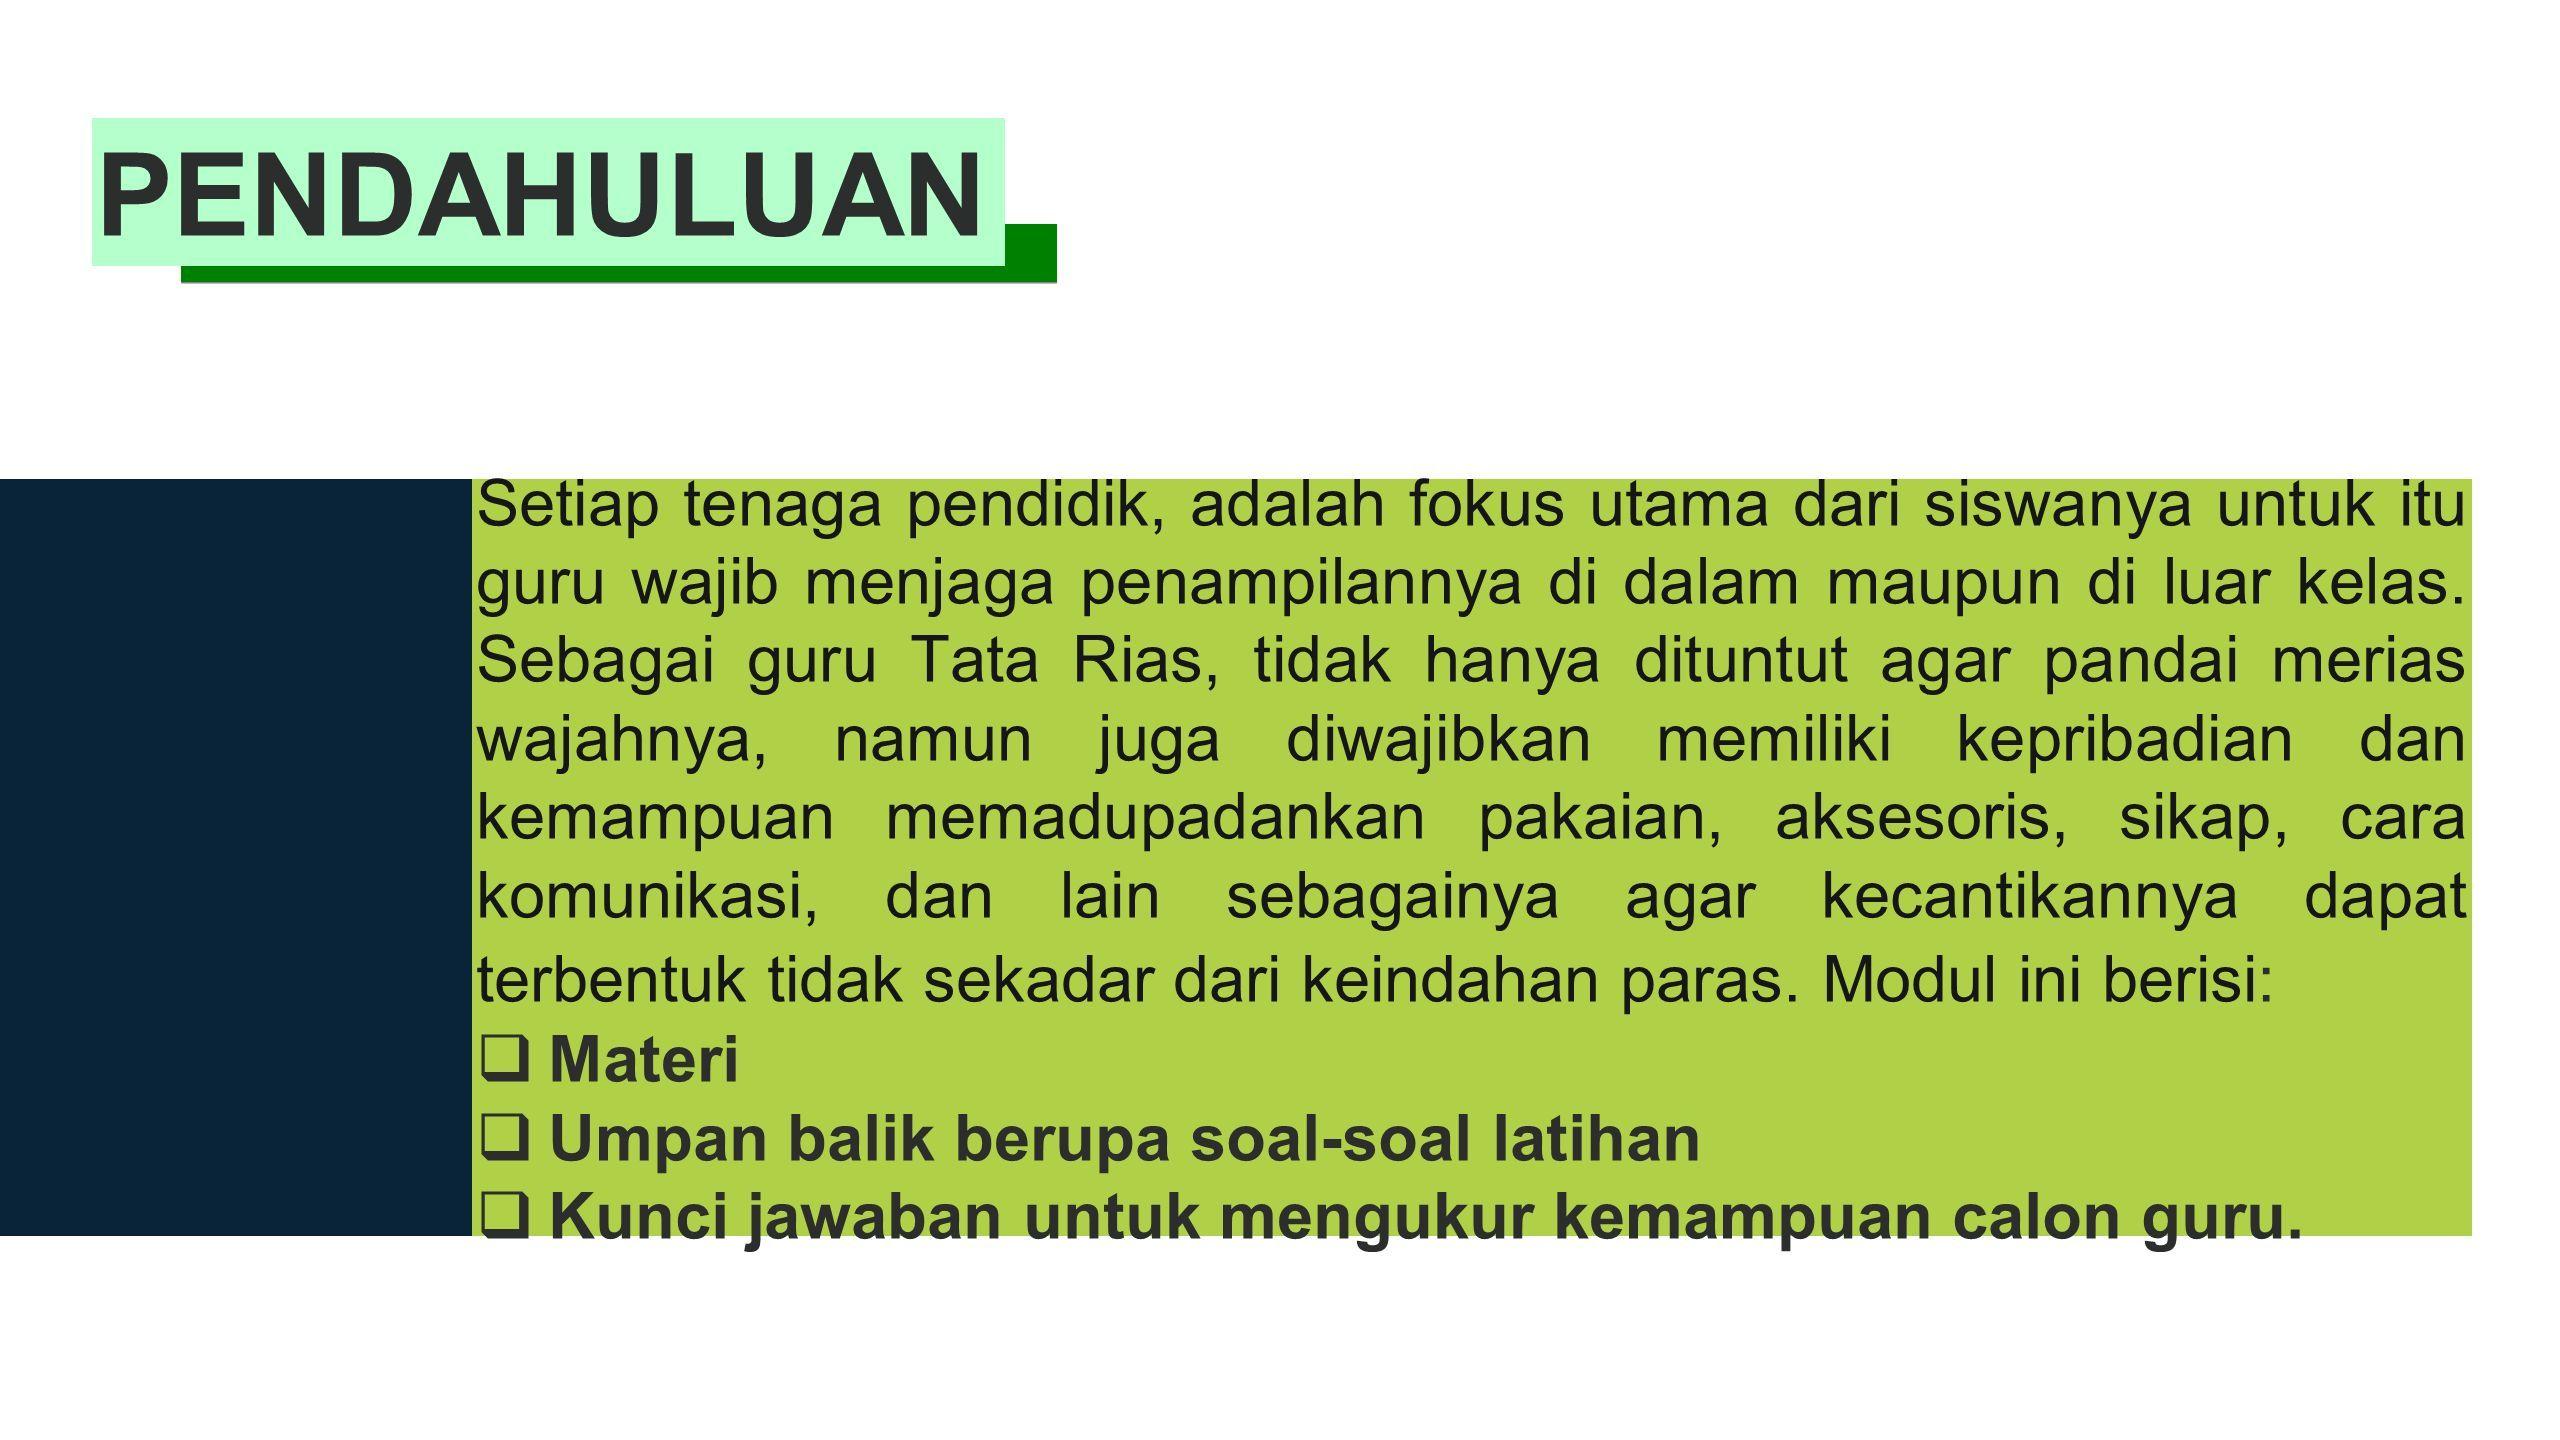 PENAMPILAN GURU TATA RIAS Oleh   Dr. Sitti Nursetiawati. 262502816a